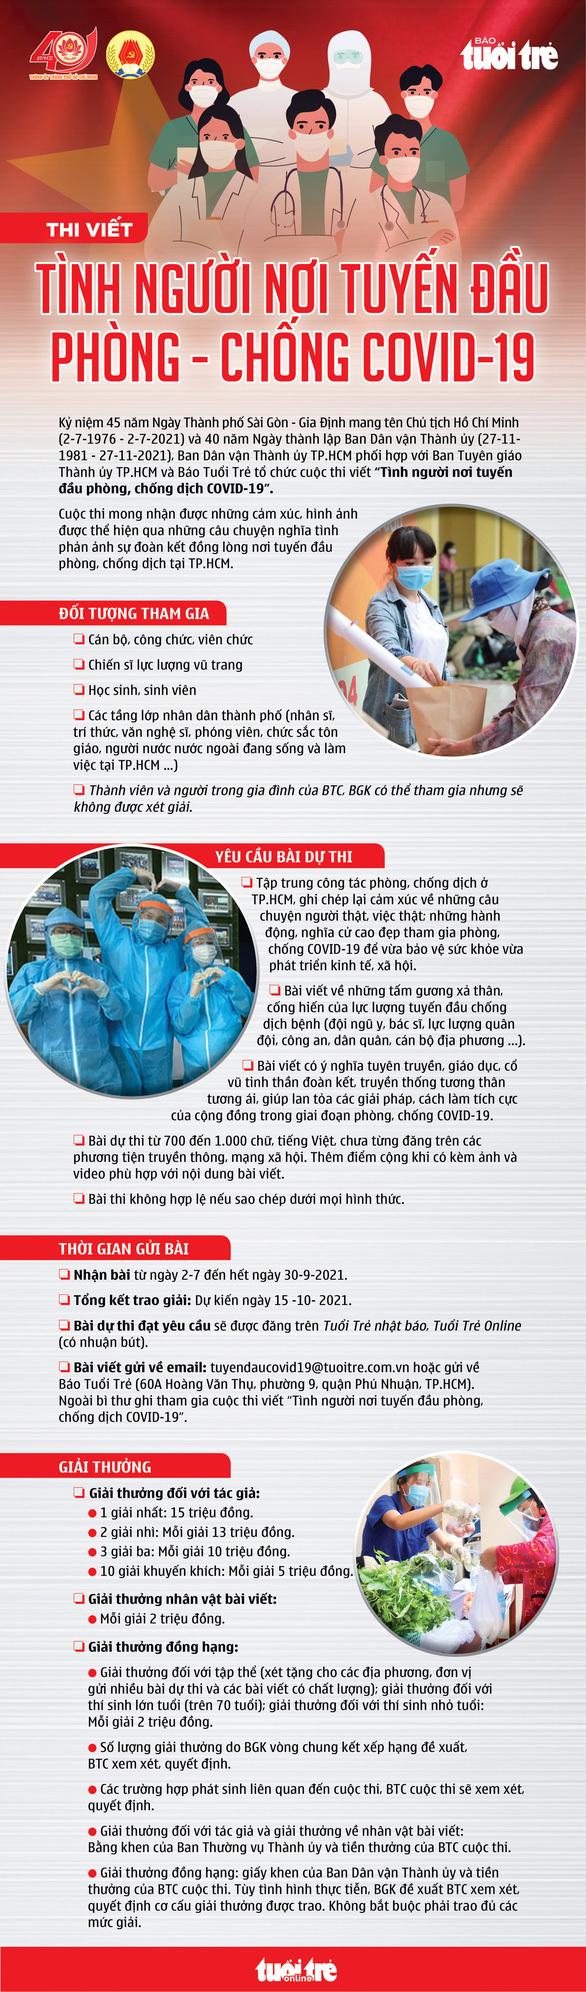 Thương sao cái ''tủ lạnh cộng đồng'' ở Sài Gòn - ảnh 7